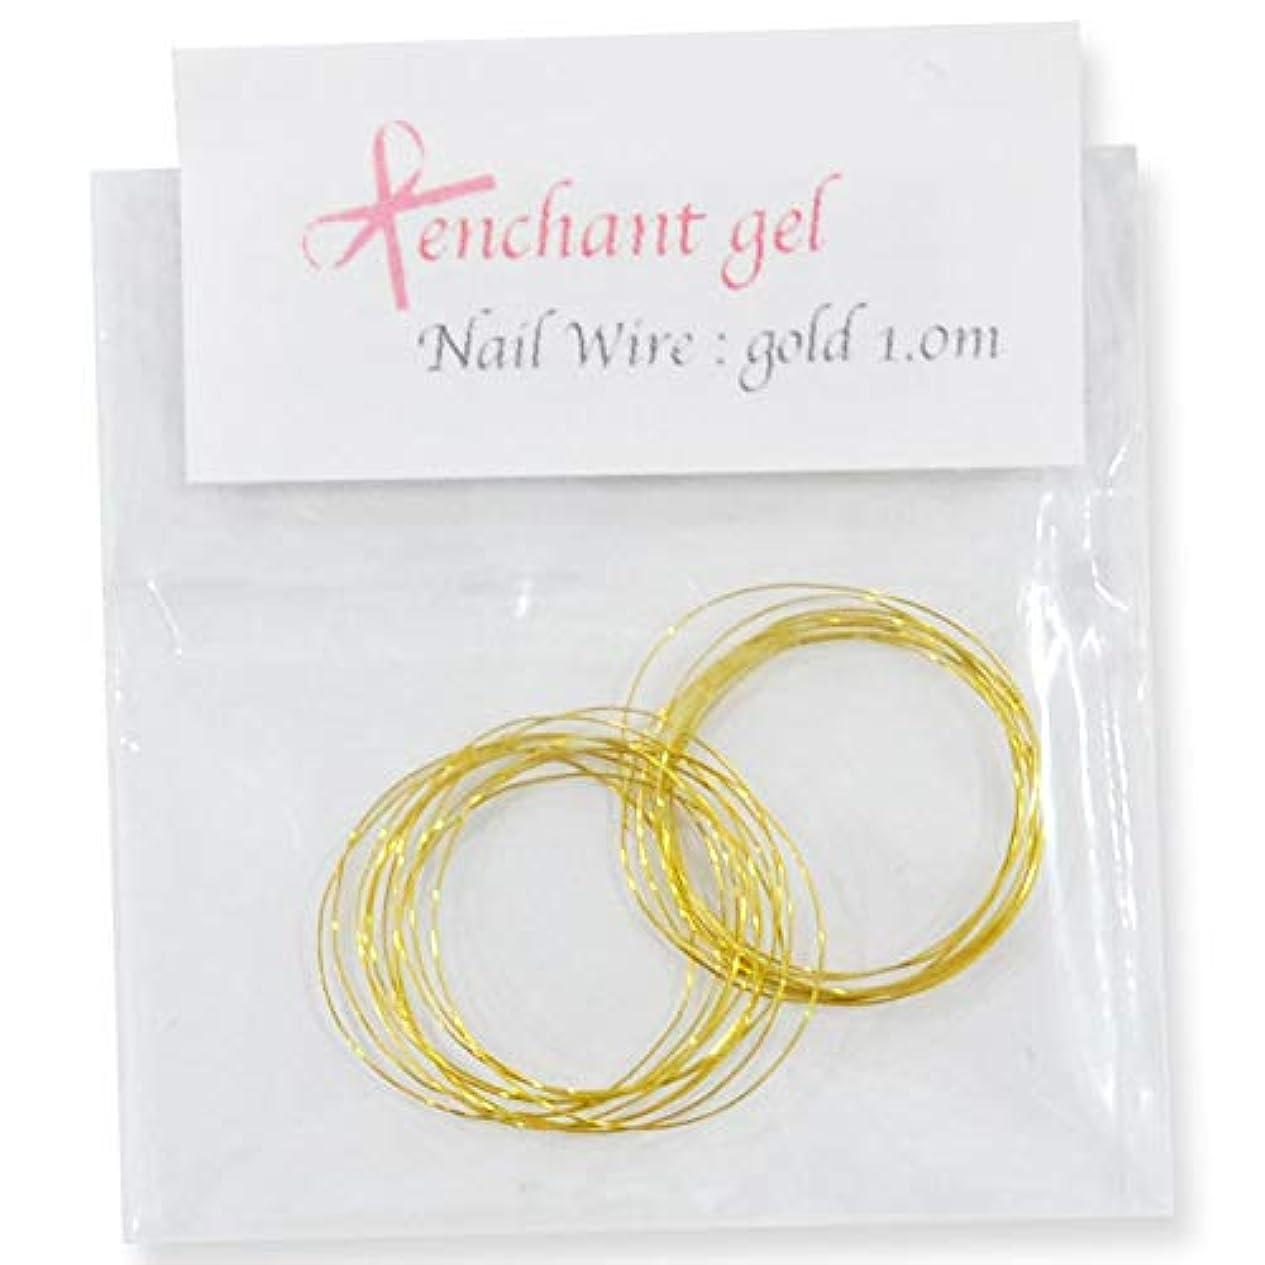 雄弁なファッション深めるネイルワイヤー 太さ0.2mm 長さ1.0m ゴールド エンチャントジェル